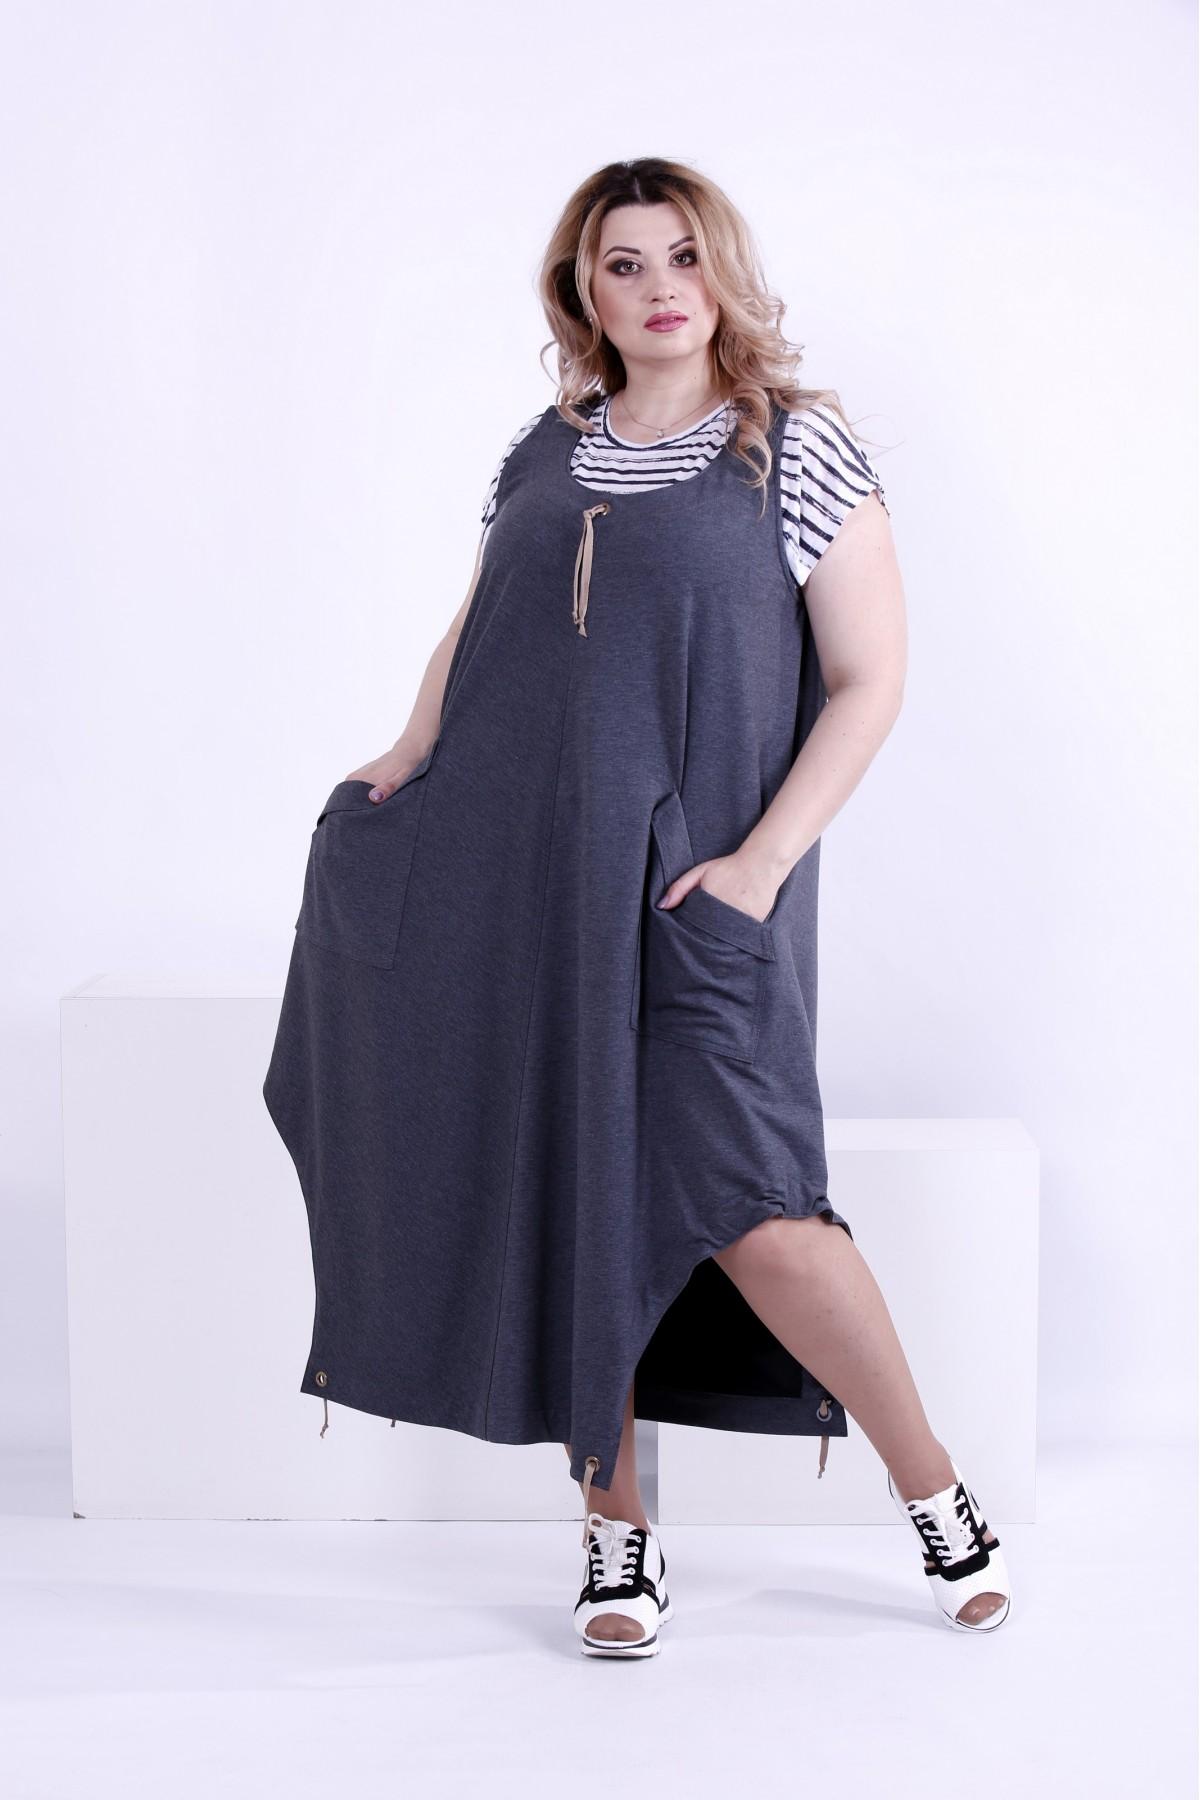 Купити Темно-сіре вільне плаття-туніка (футболка окремо)  c18b0628cbf73